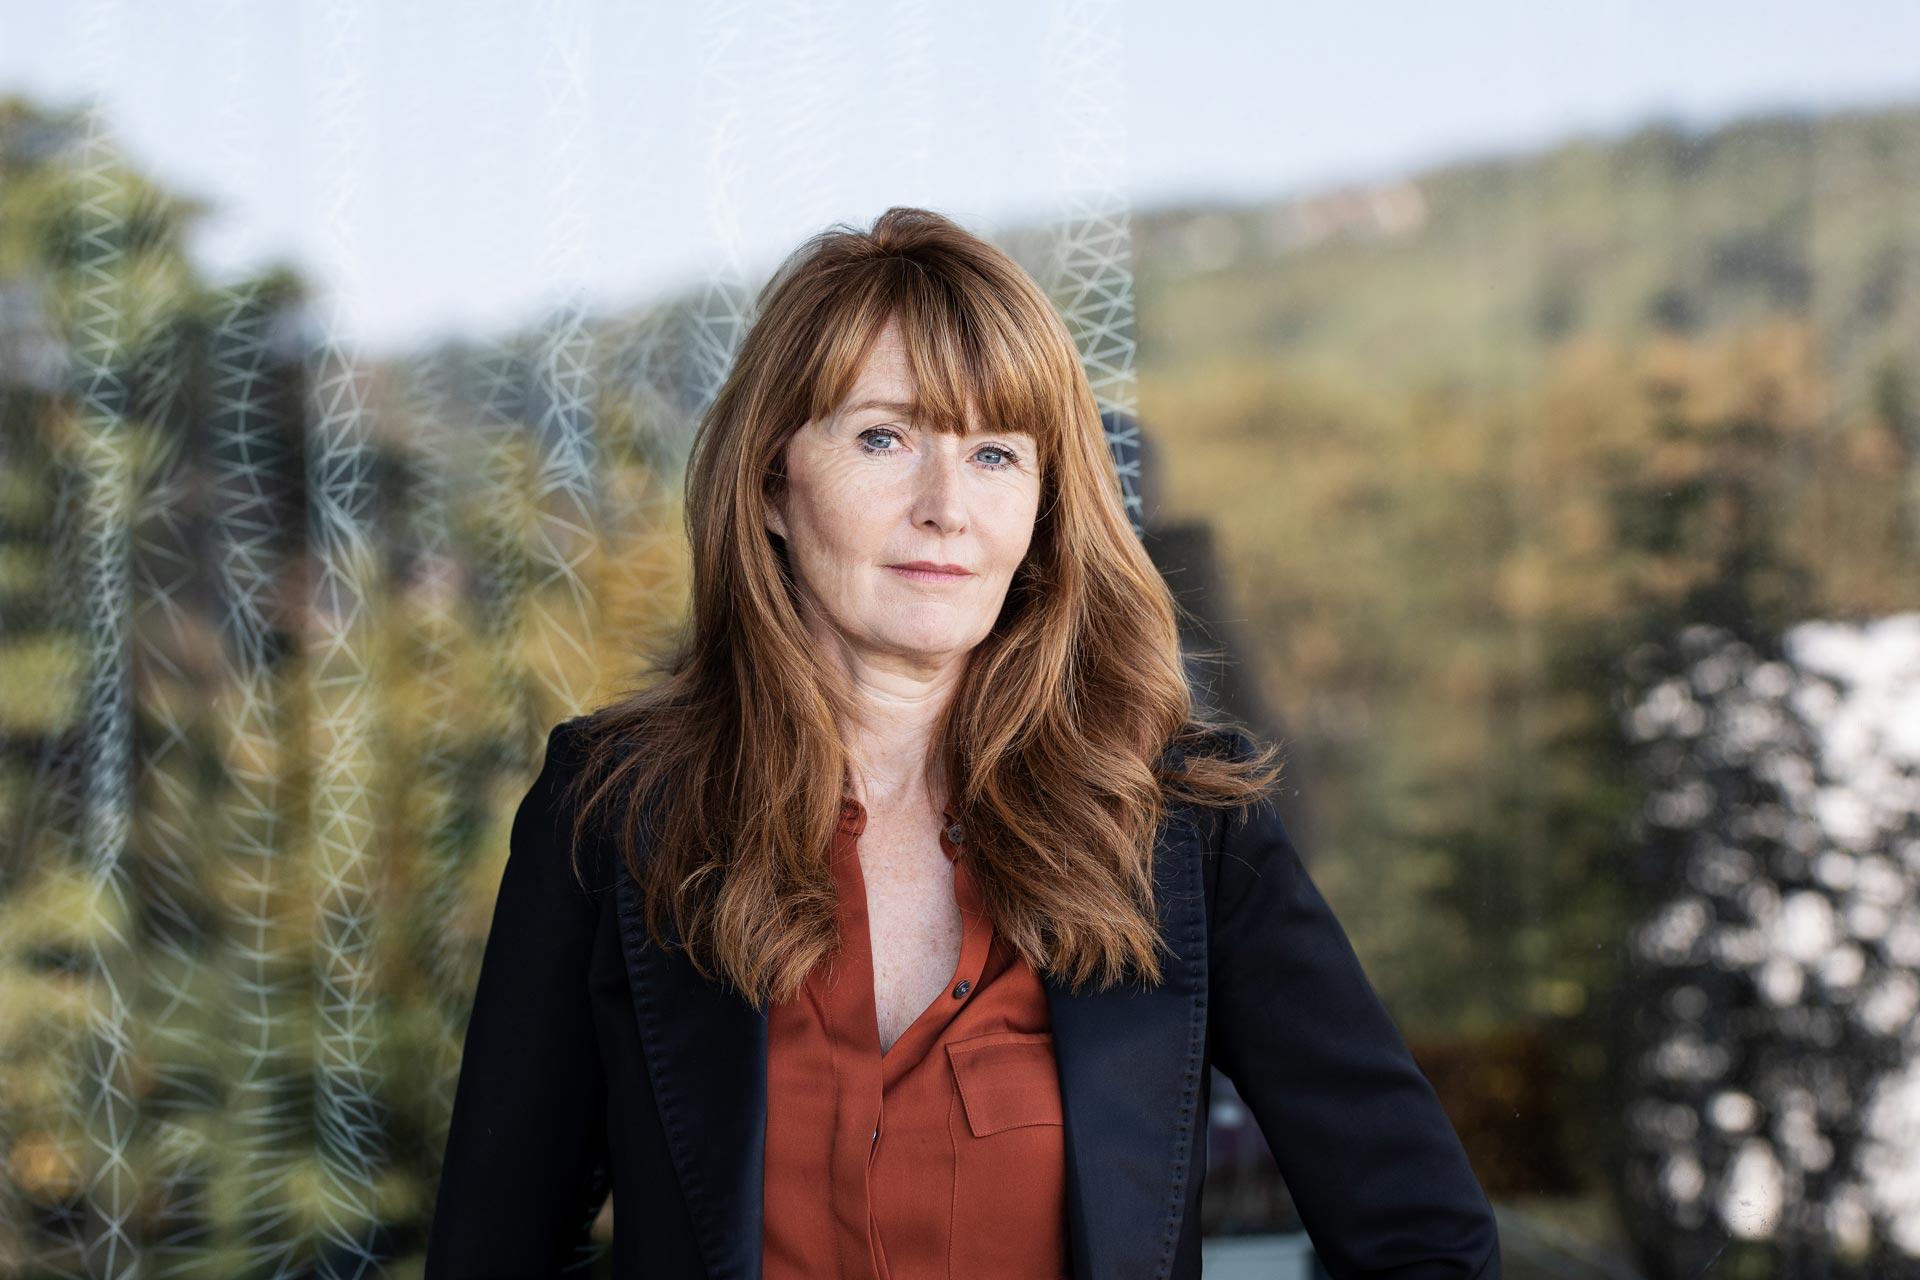 #ZZPodcast Loslassen // An die Zukunft glauben – jetzt erst recht // Tanja Keitel im Gespräch mit Oona Horx-Strathern